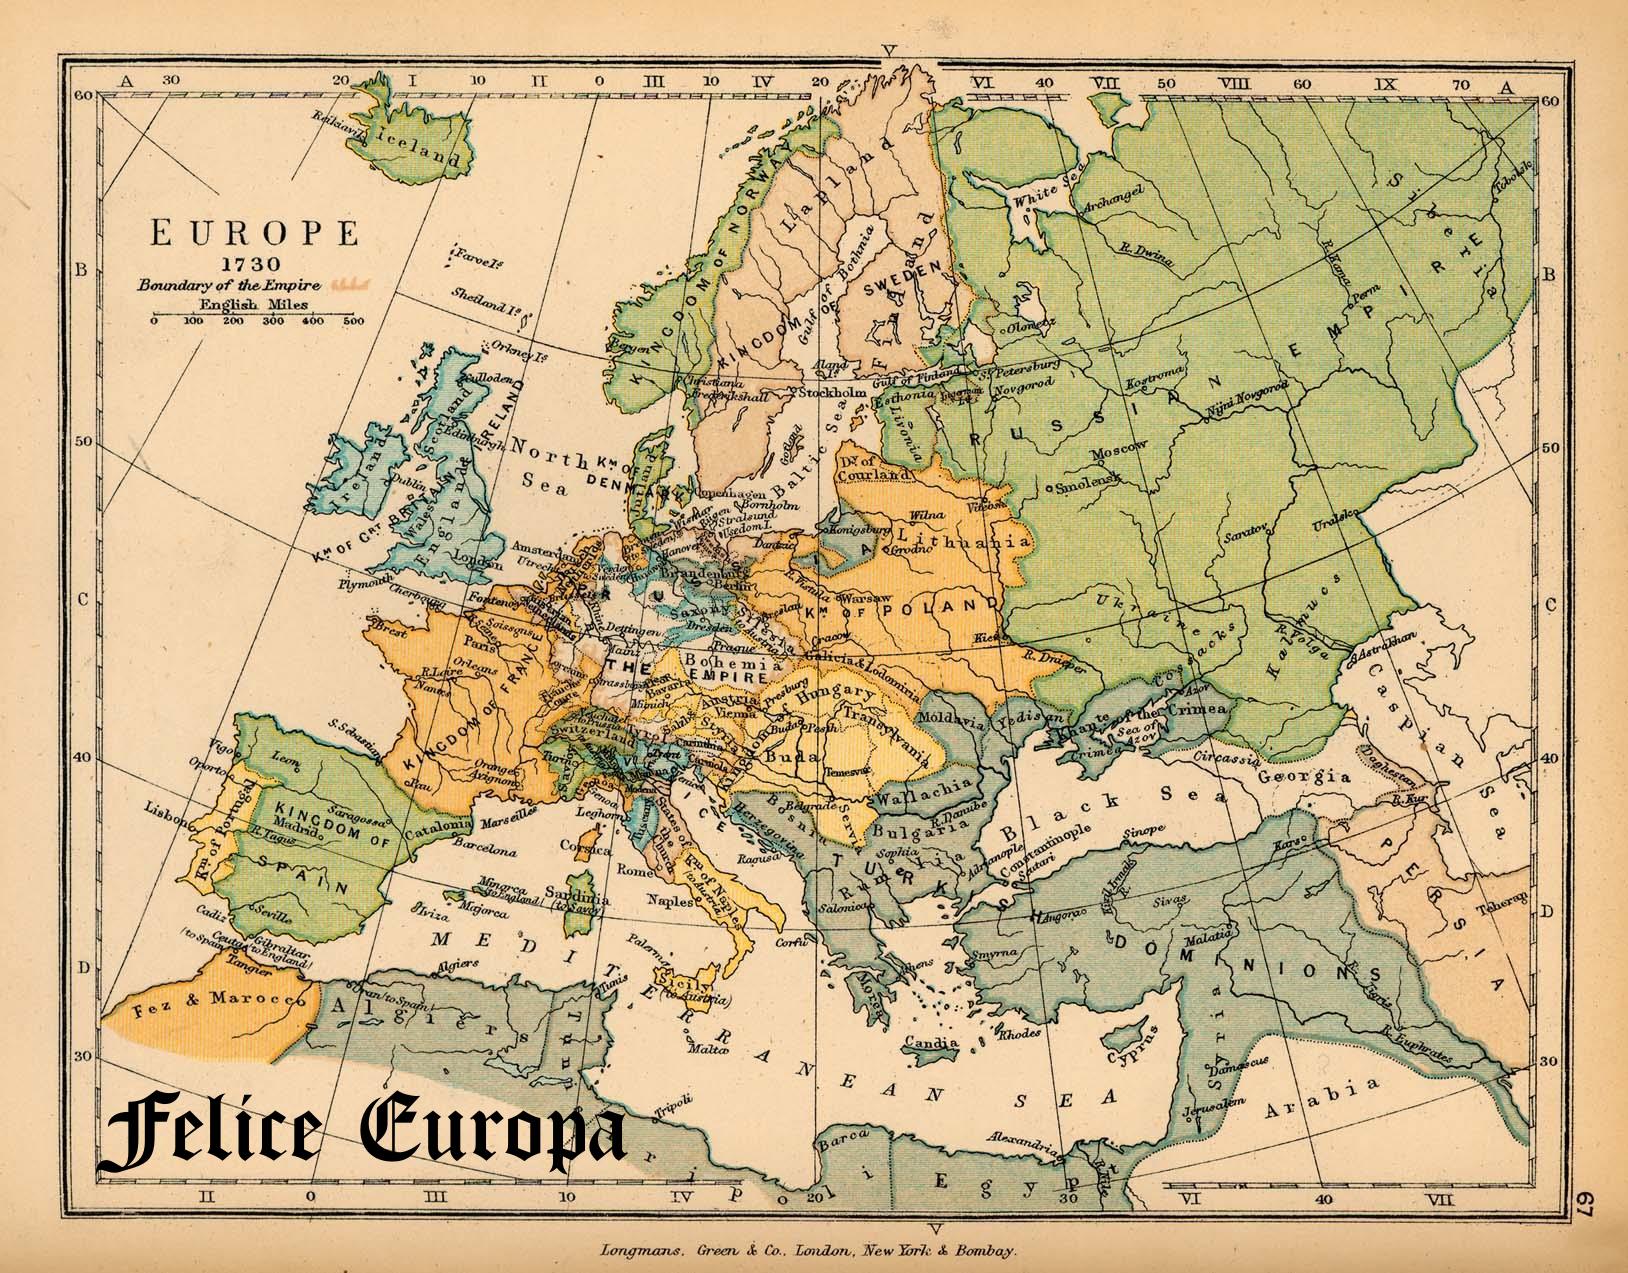 Felice Europa